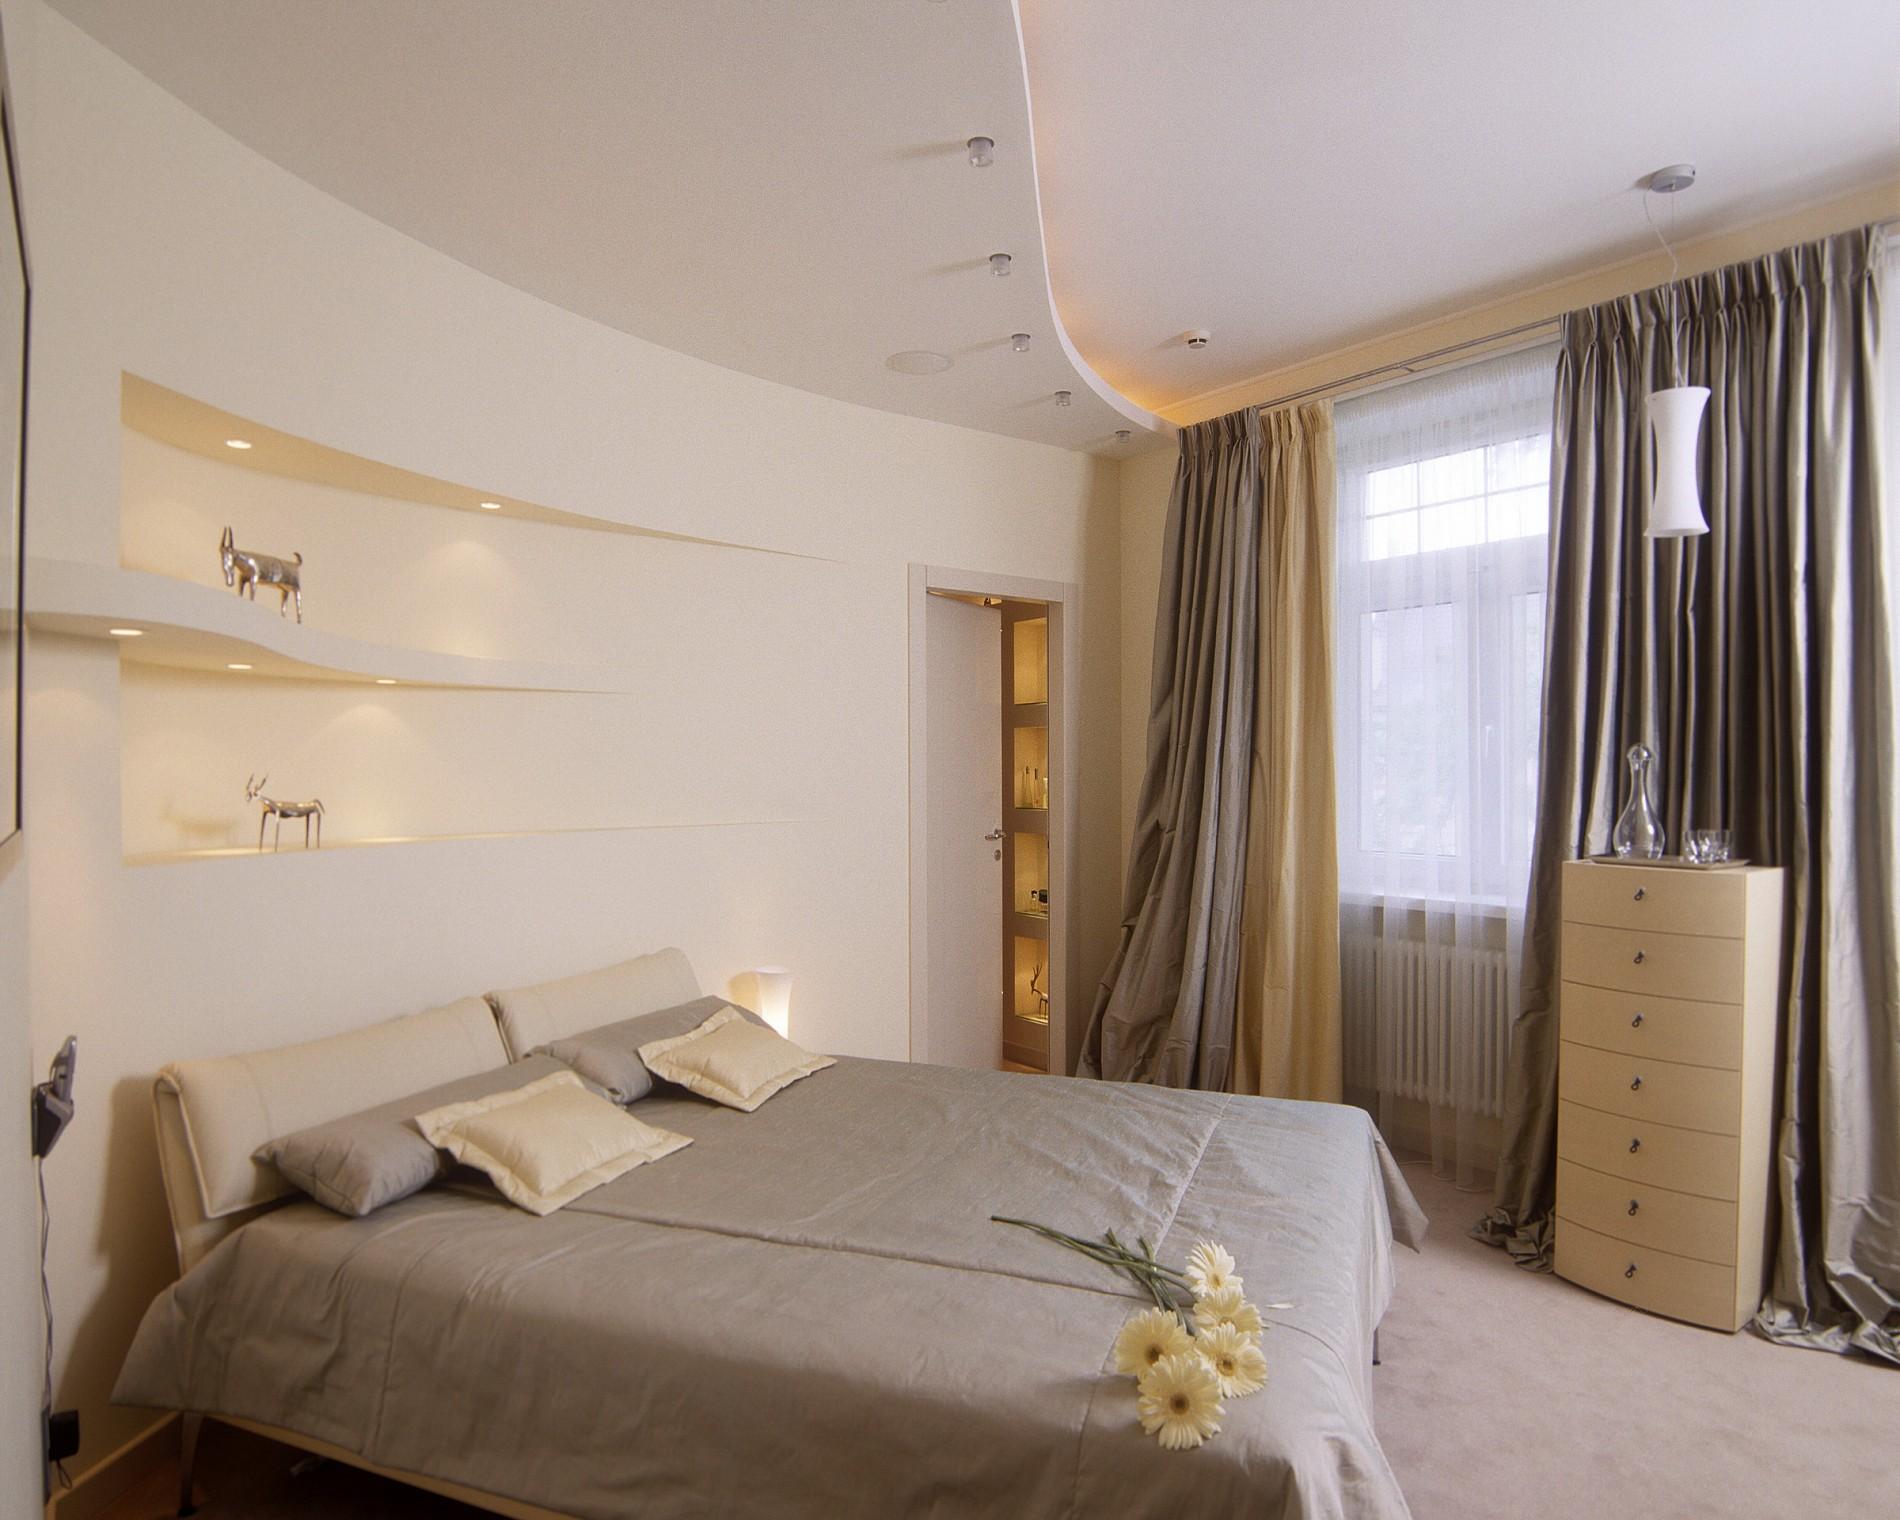 Стильная спальня в современном стиле